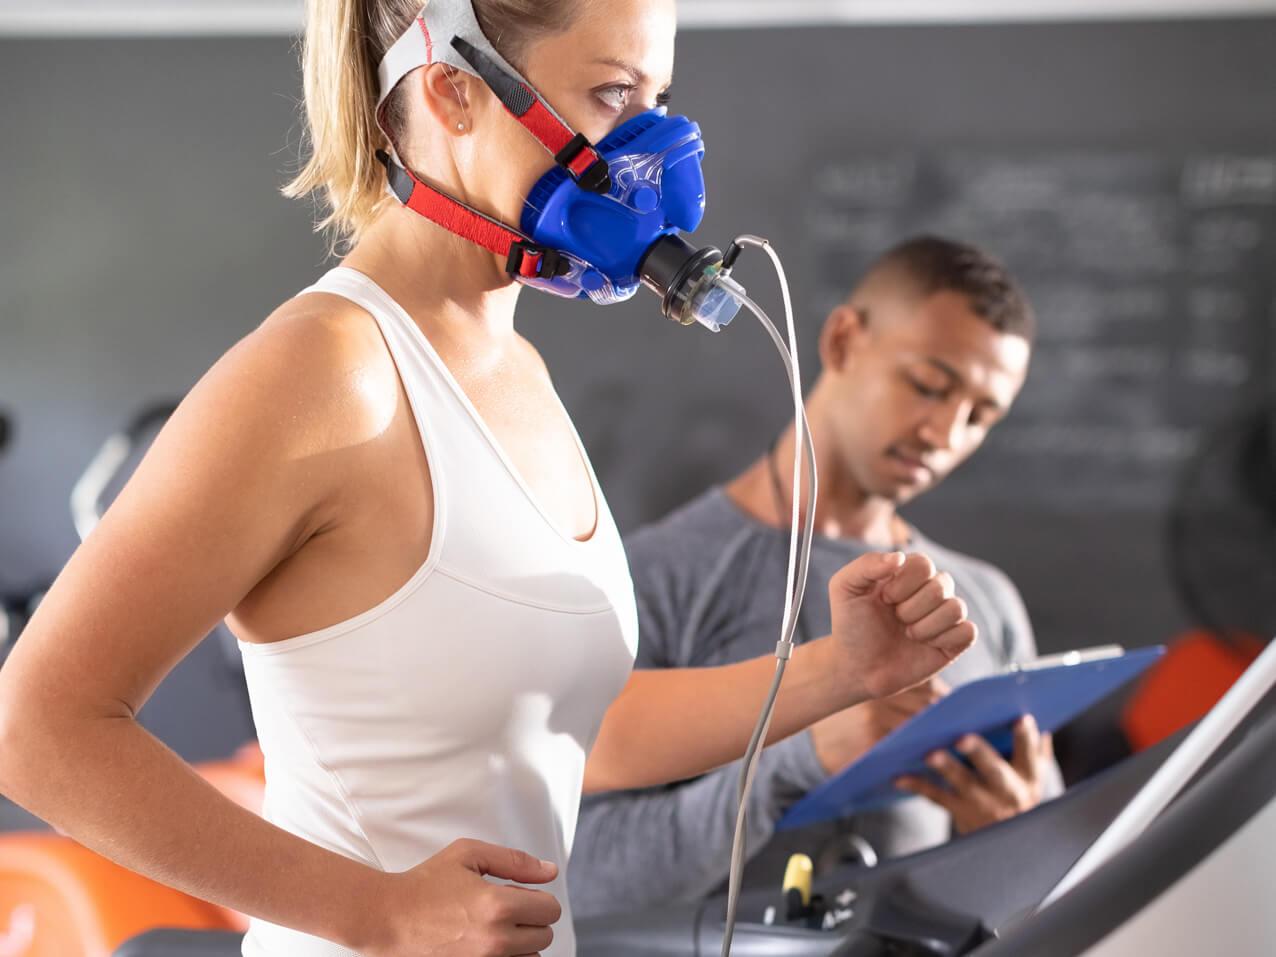 Sauerstoff-Mehrschritt-Therapie-Manfred-von-Ardenne-Physiotherapie-Zobel